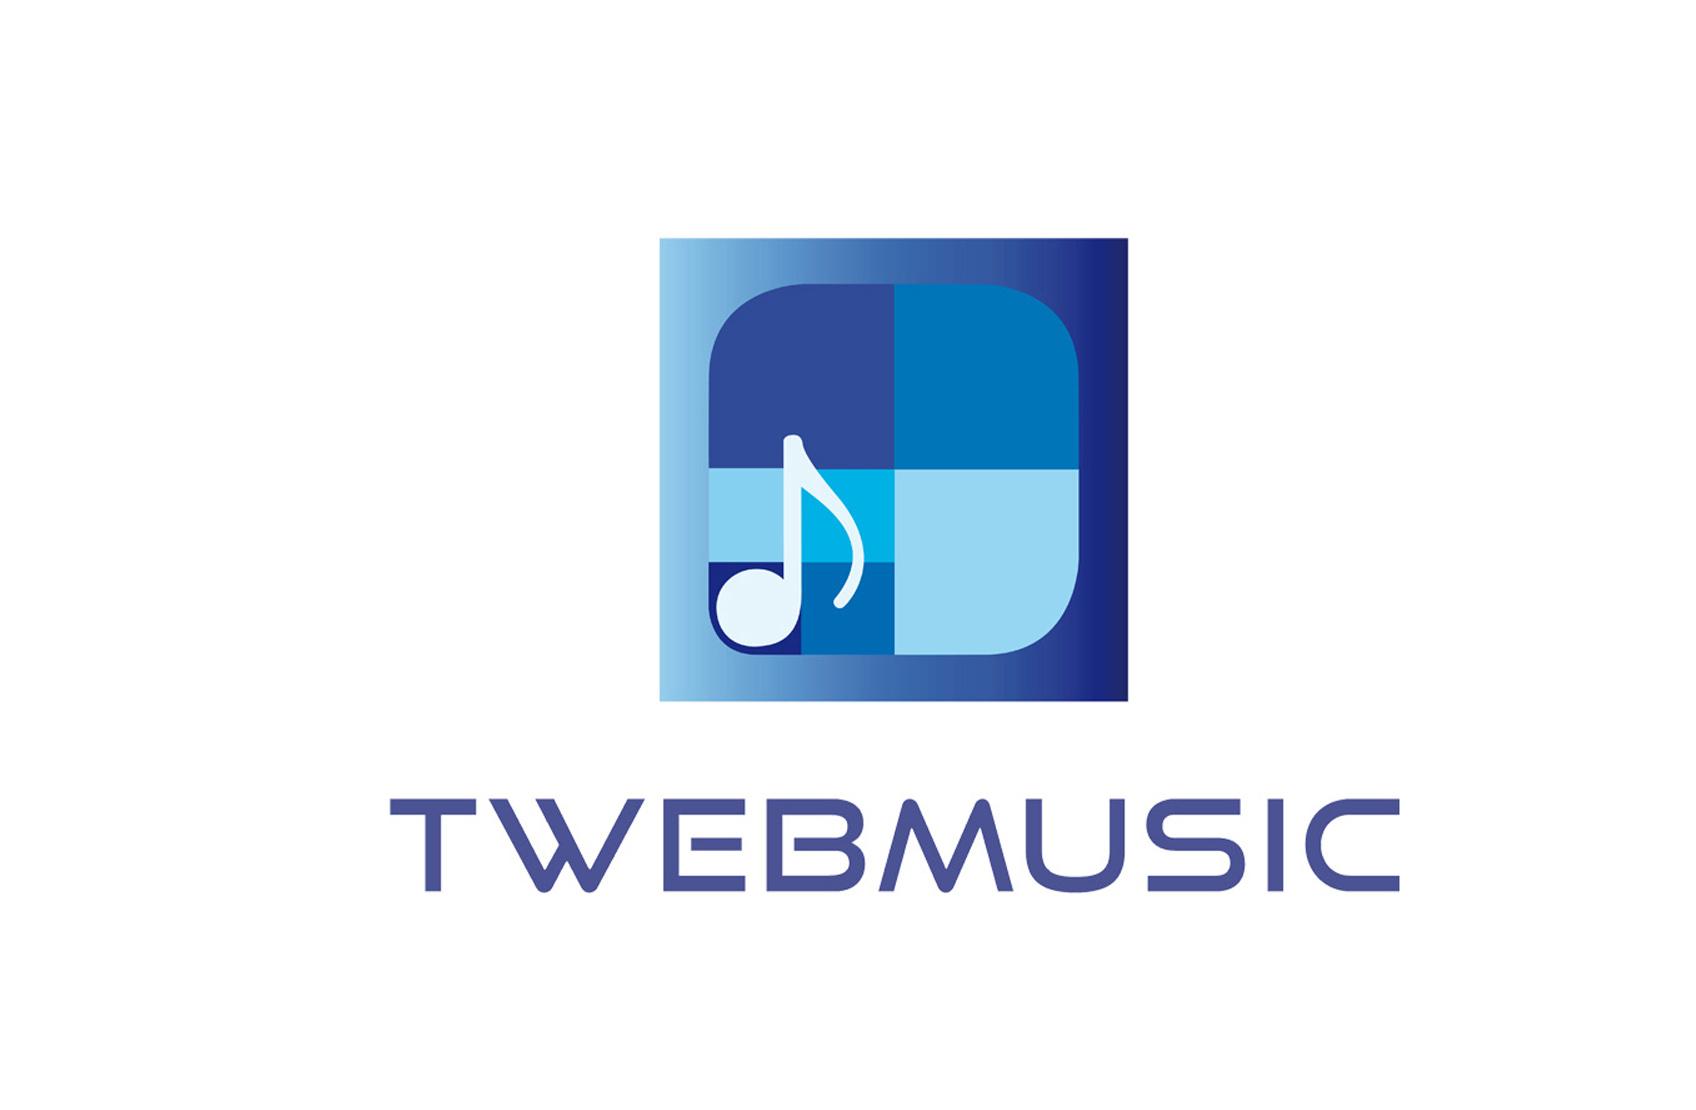 logo-twebmusic-ideavale-comunicazione-pubblicita-bologna